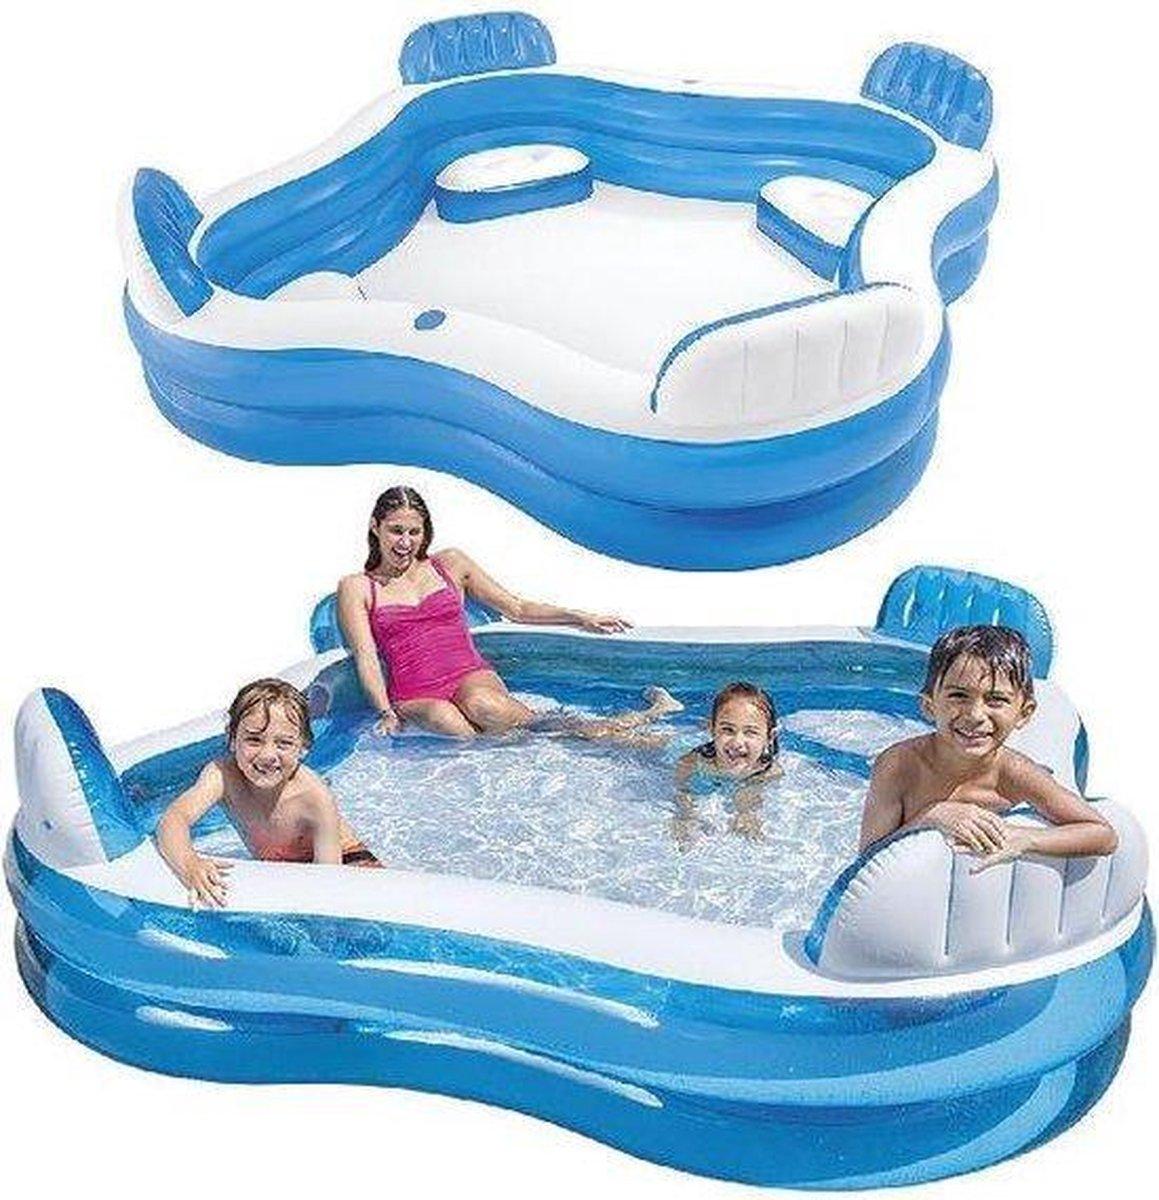 Family Lounge zwembad - 229 x 229 x 66 cm - Opblaasbaar Familie Zwembad met luxe Zitjes